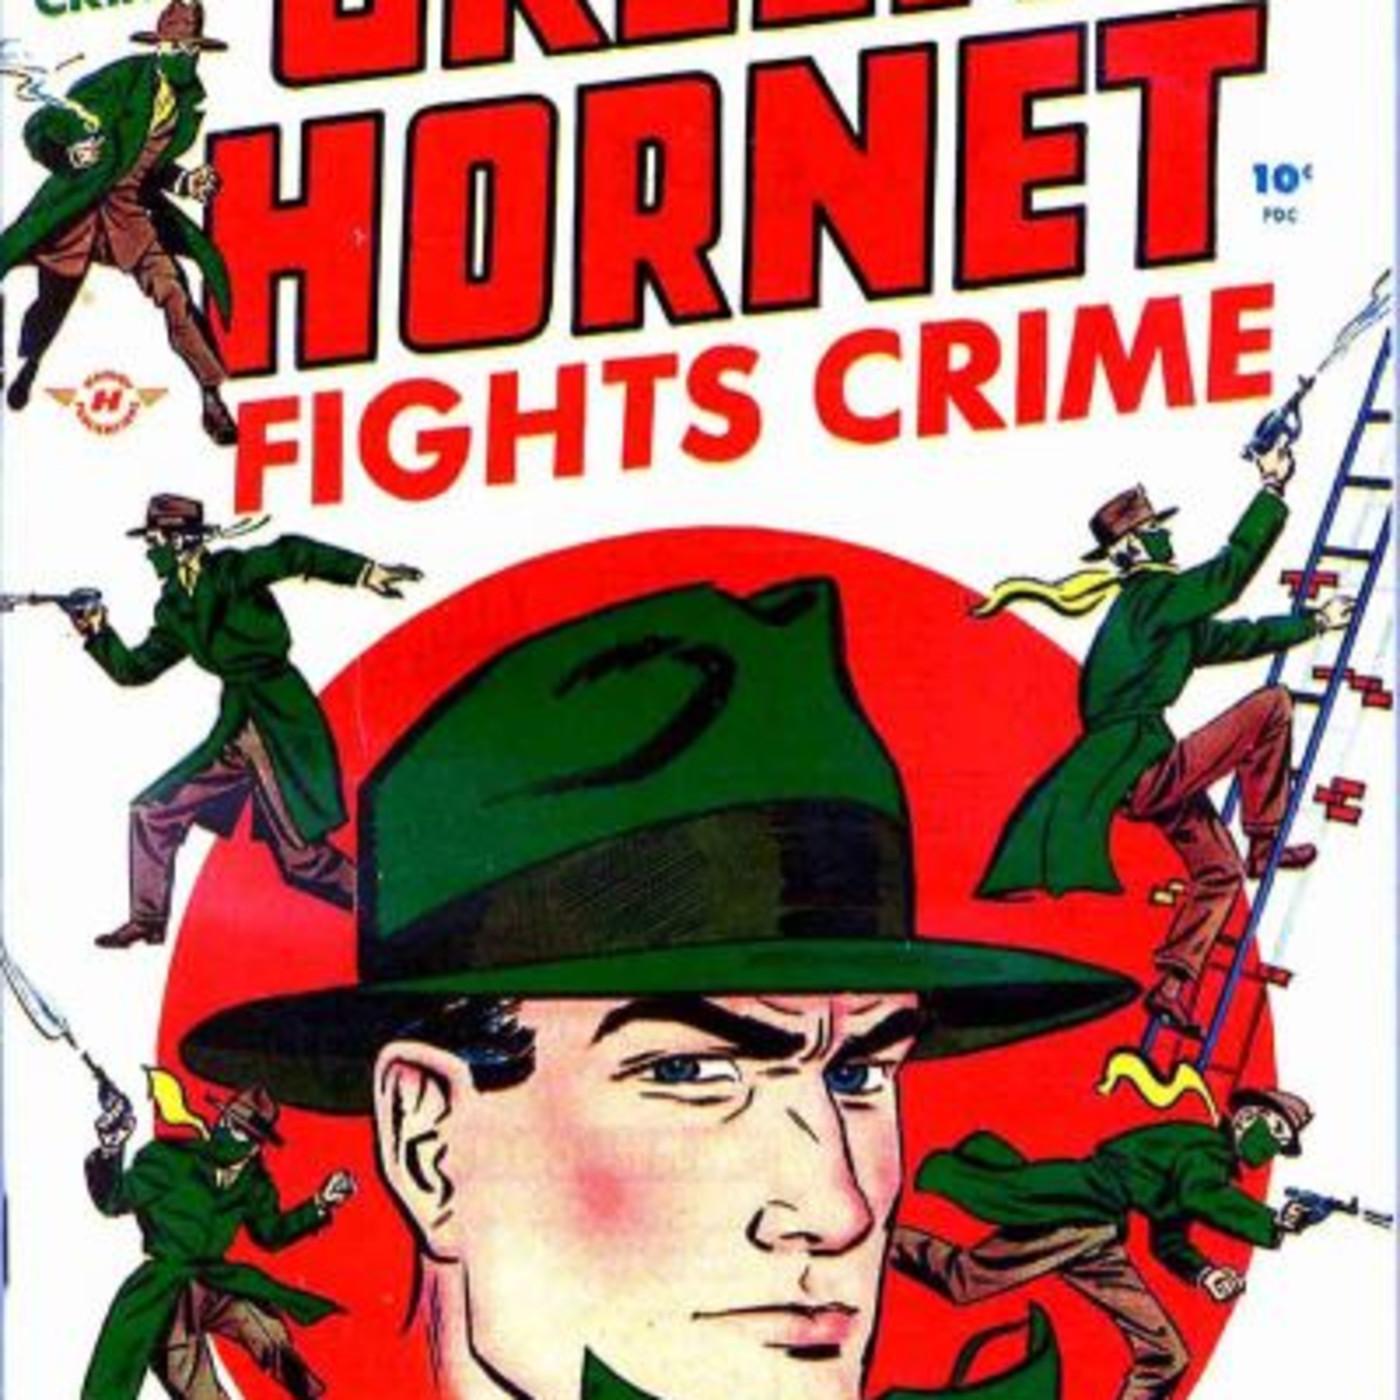 The Green Hornet - 00 - 440516ParoledForRevenge